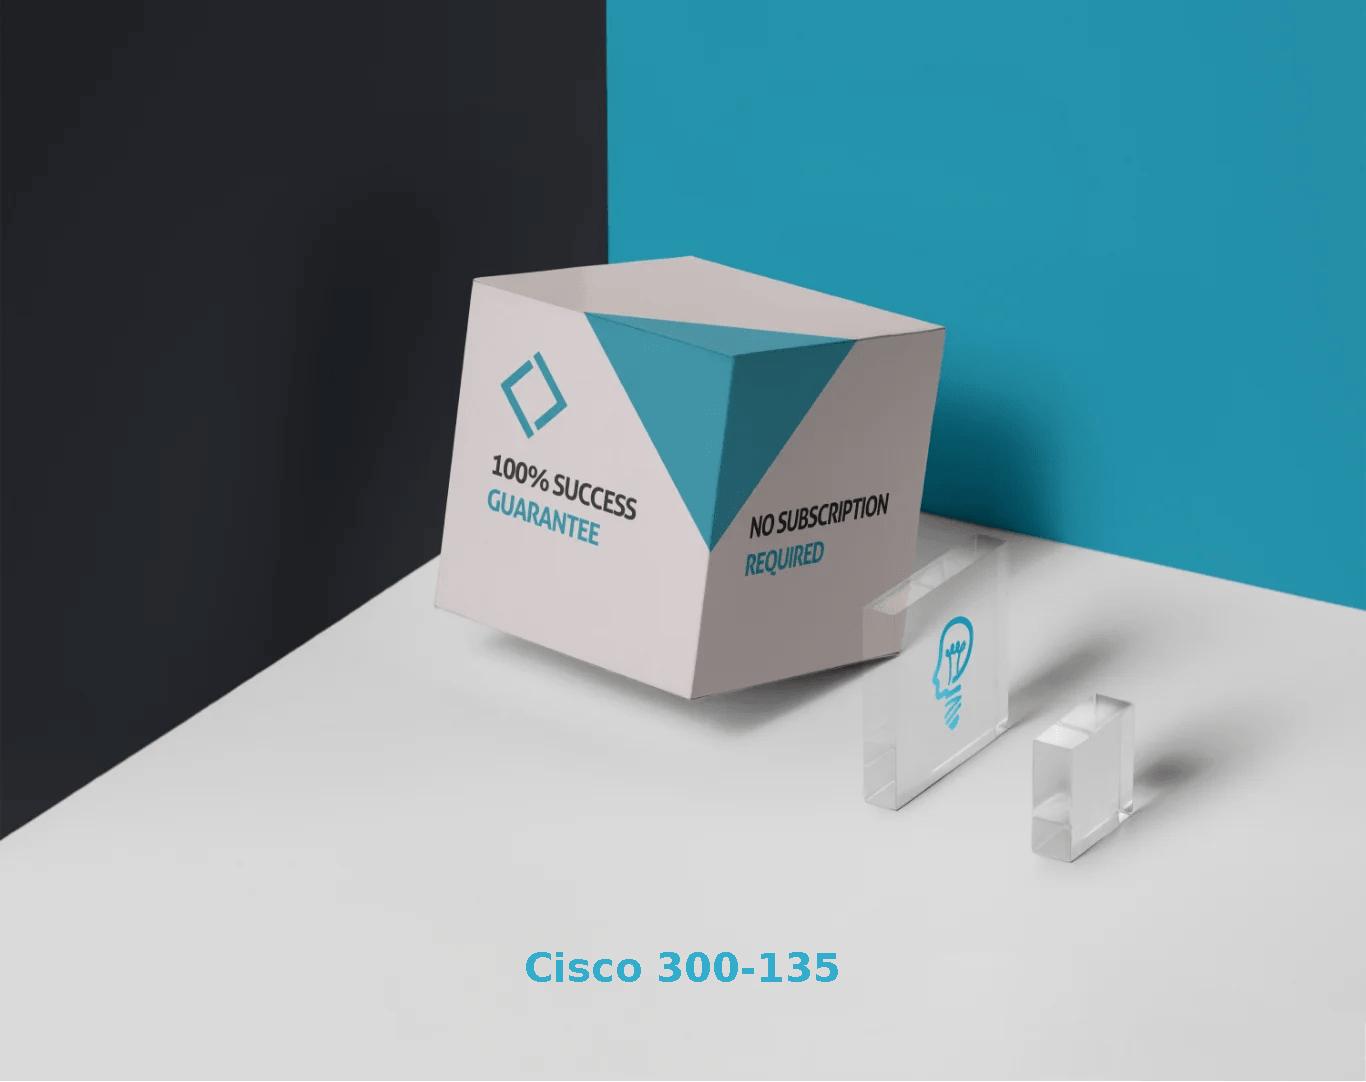 Cisco 300-135 Exams